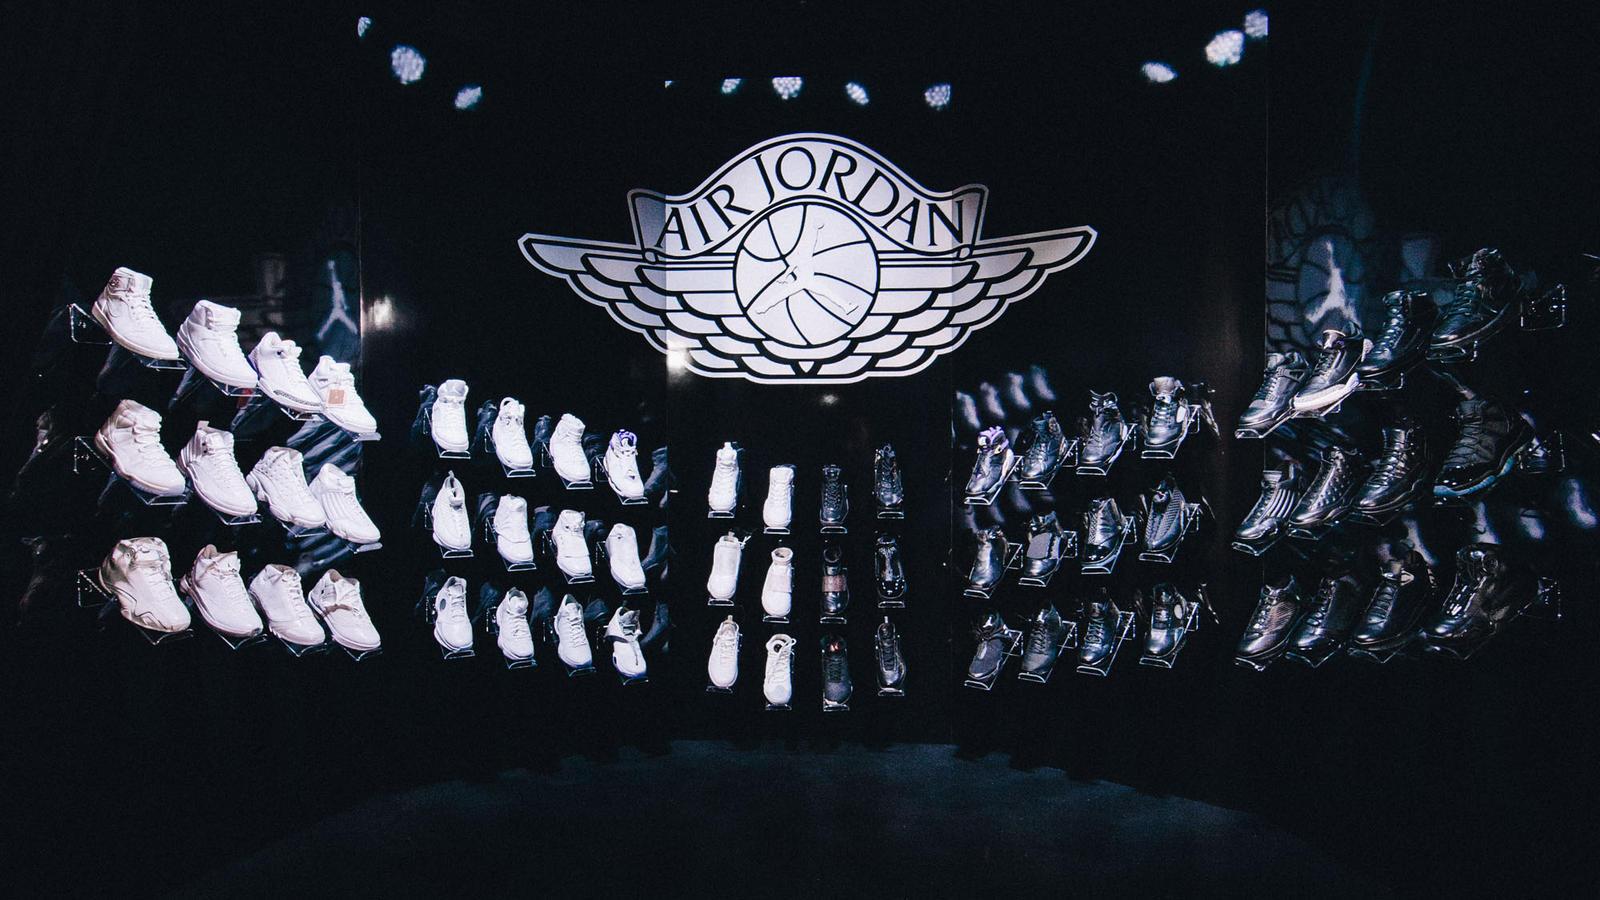 Jordan brand wallpapers